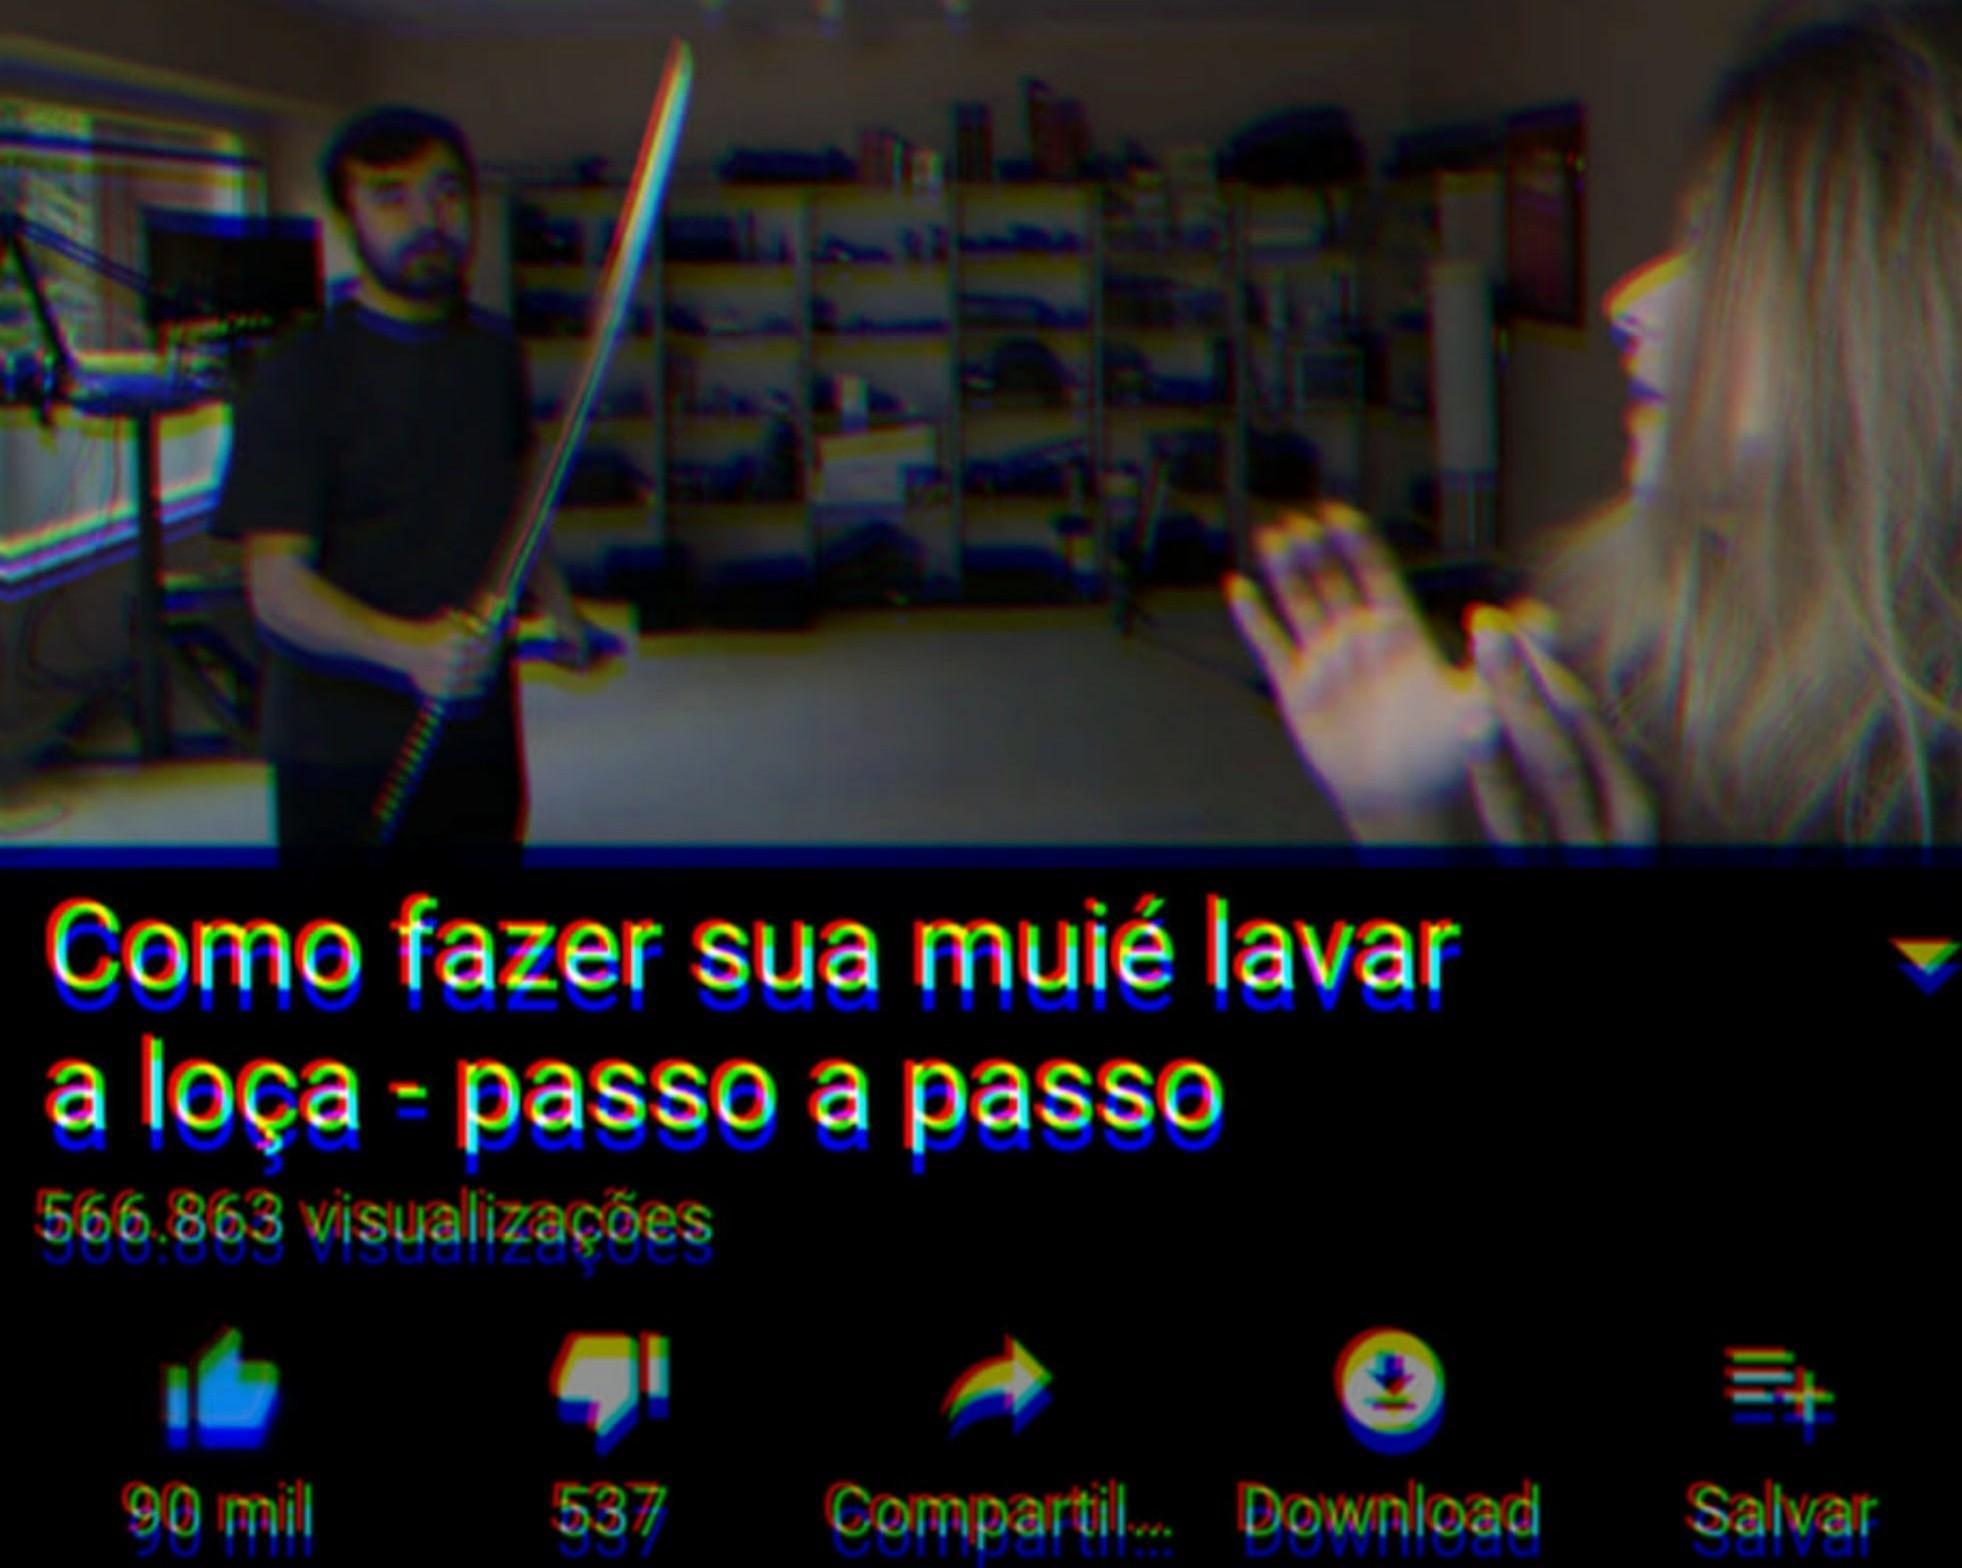 kkkk ai n pode ne - meme